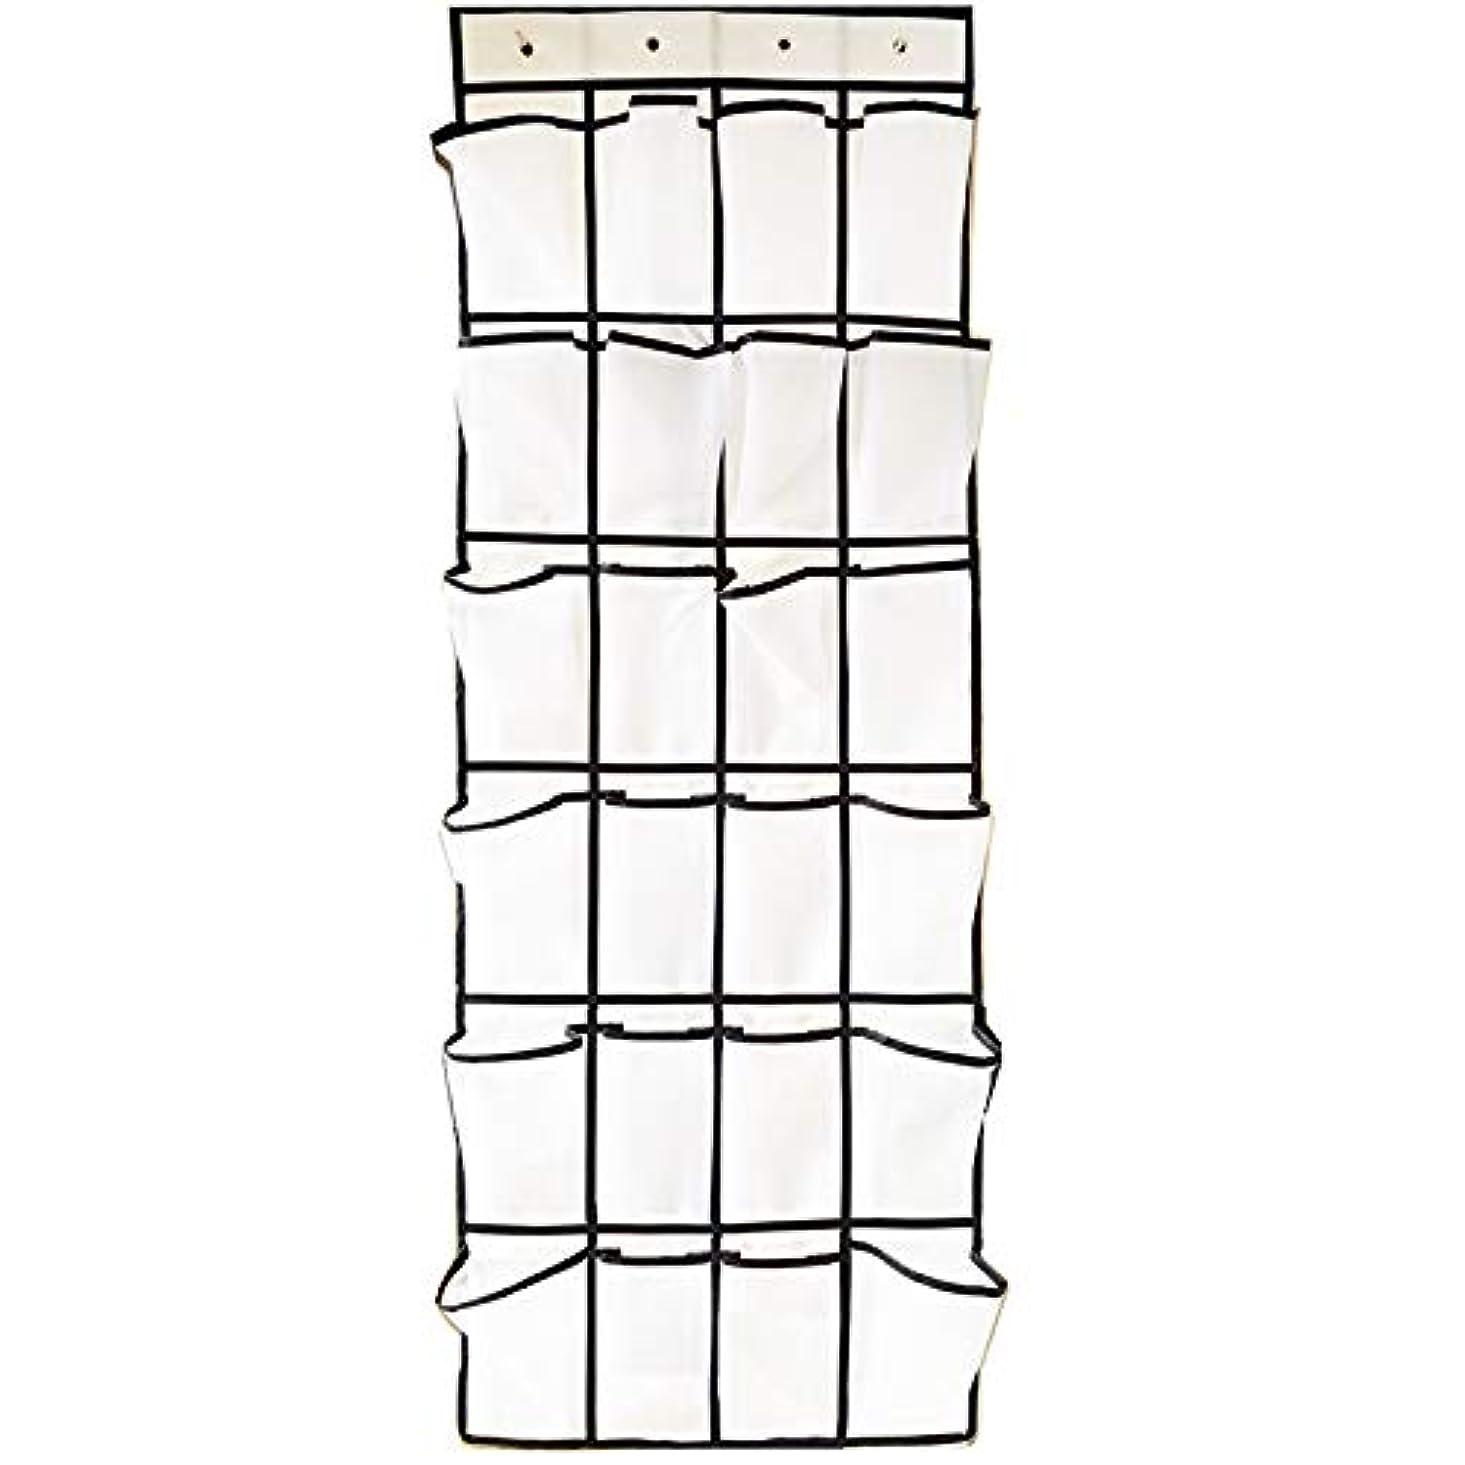 遡る計算するステレオドアの上の靴オーガナイザー(24ポケット)クローゼットオーガナイザーとスペースセーバー、厚いオックスフォード生地、頑丈なハングフックをぶら下げ